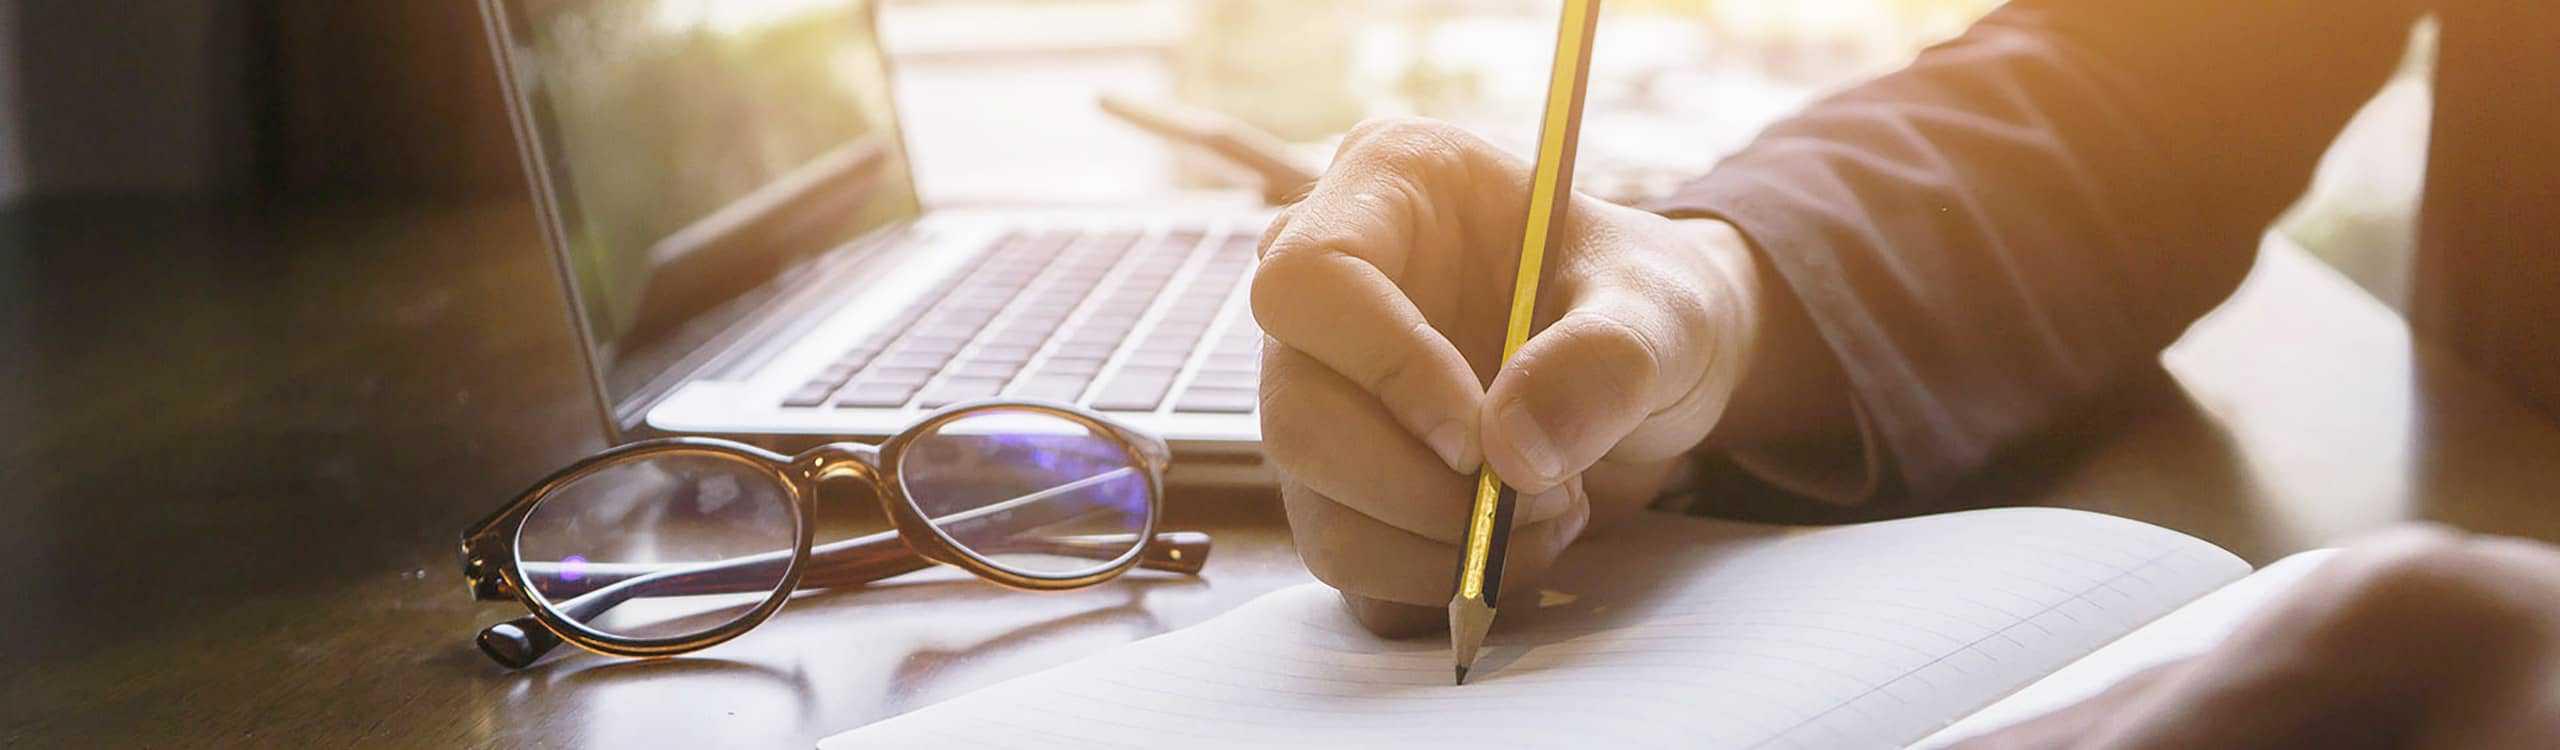 Kανονισμός Διδακτορικών Σπουδών